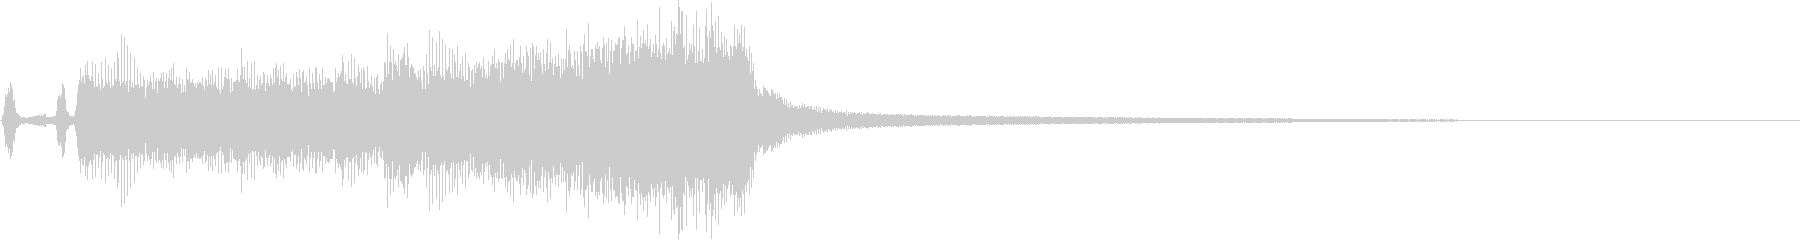 ステージクリア系/金管ファンファーレの未再生の波形